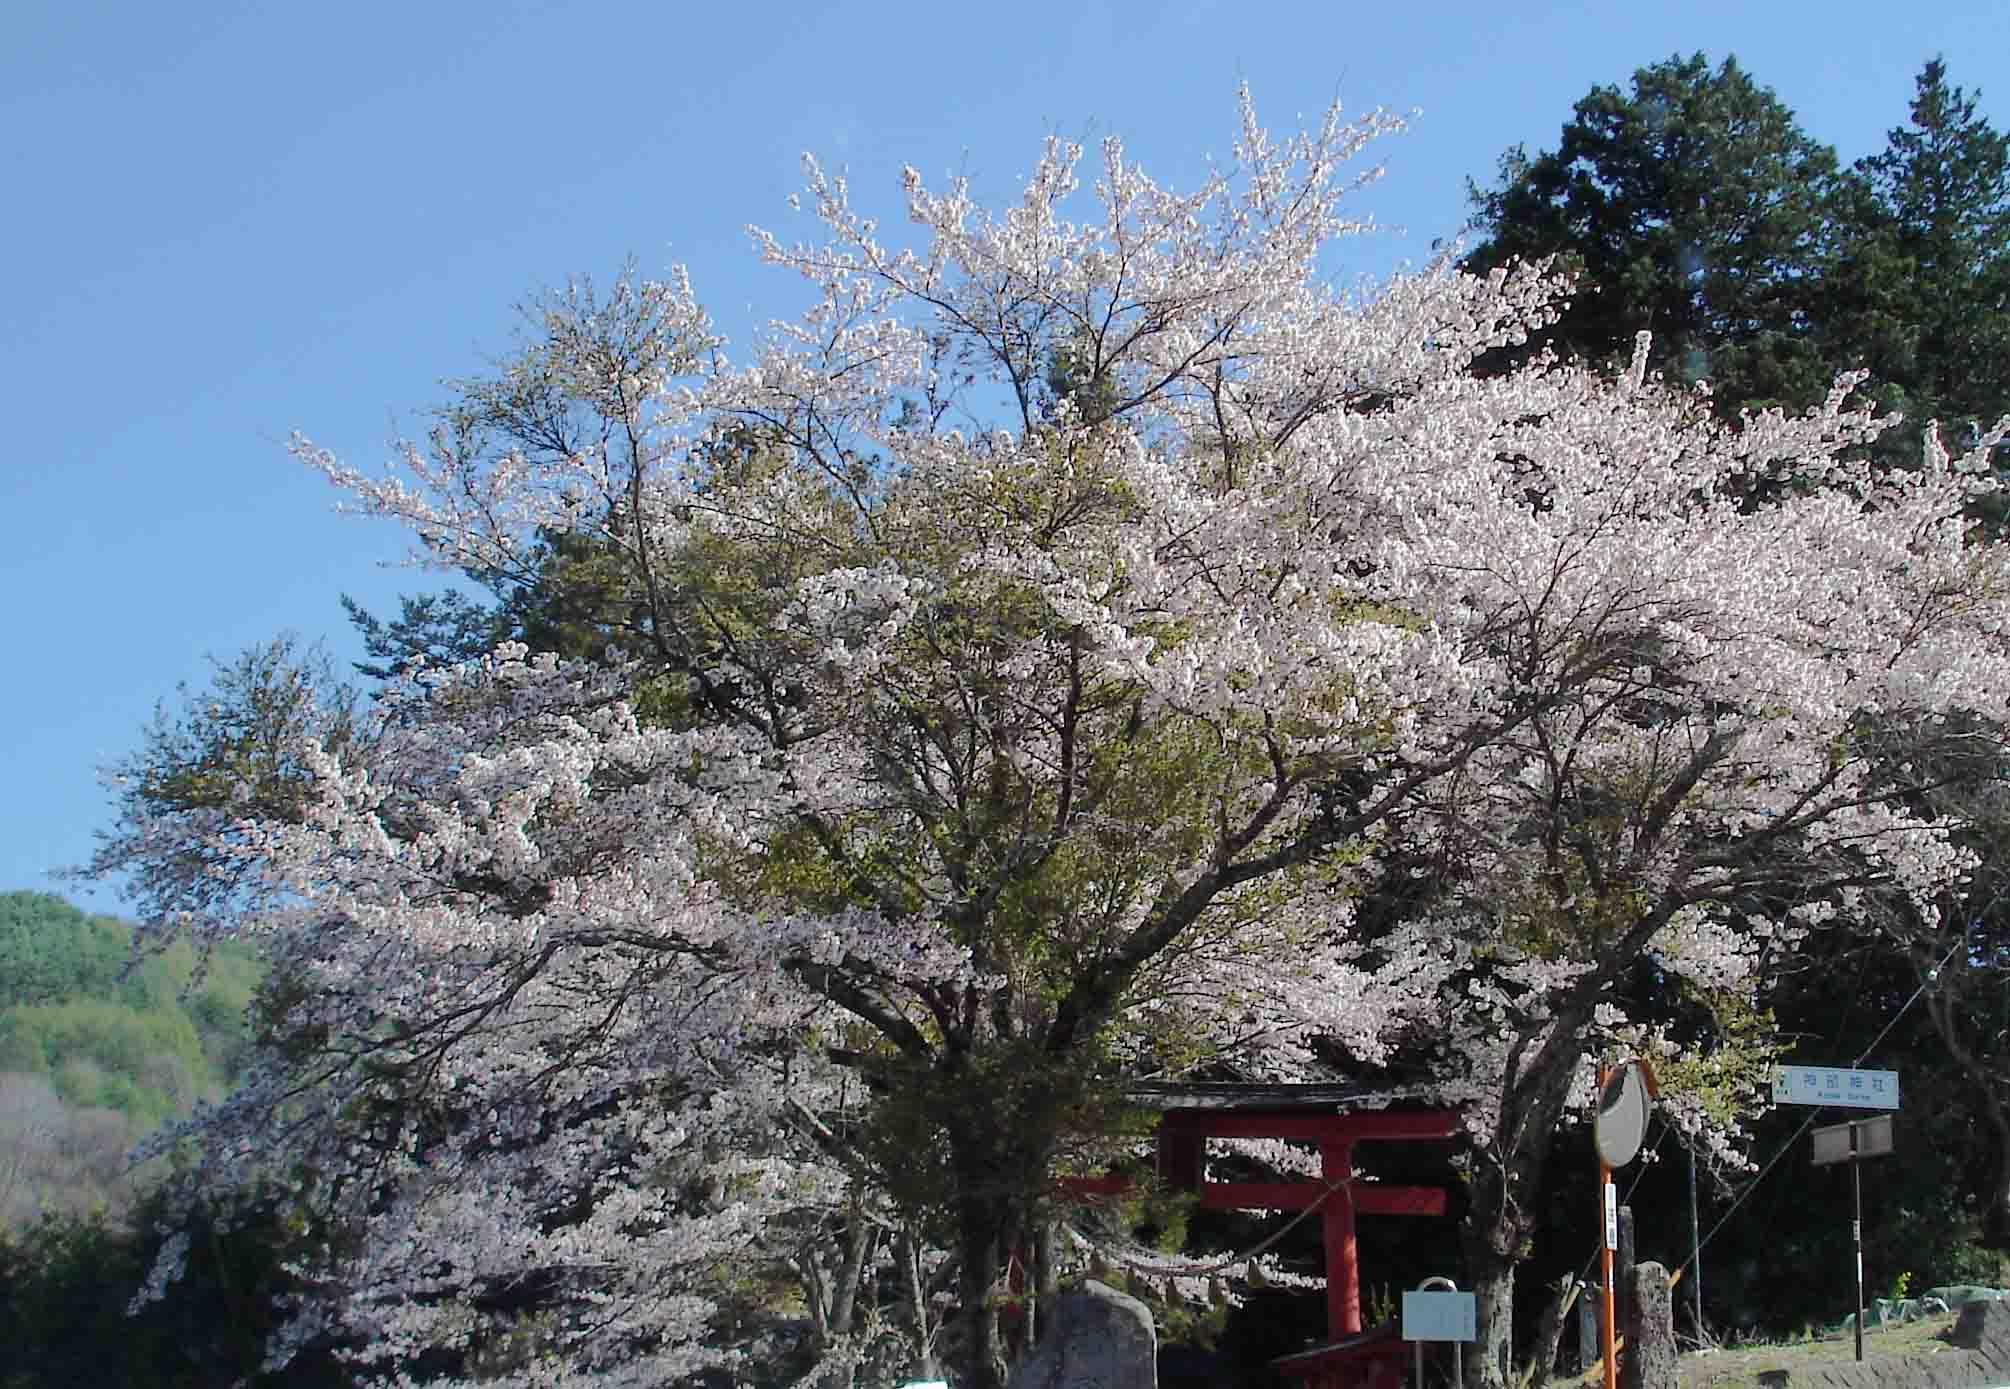 川上村TC-22 途中のサクラ 花枝と葉枝